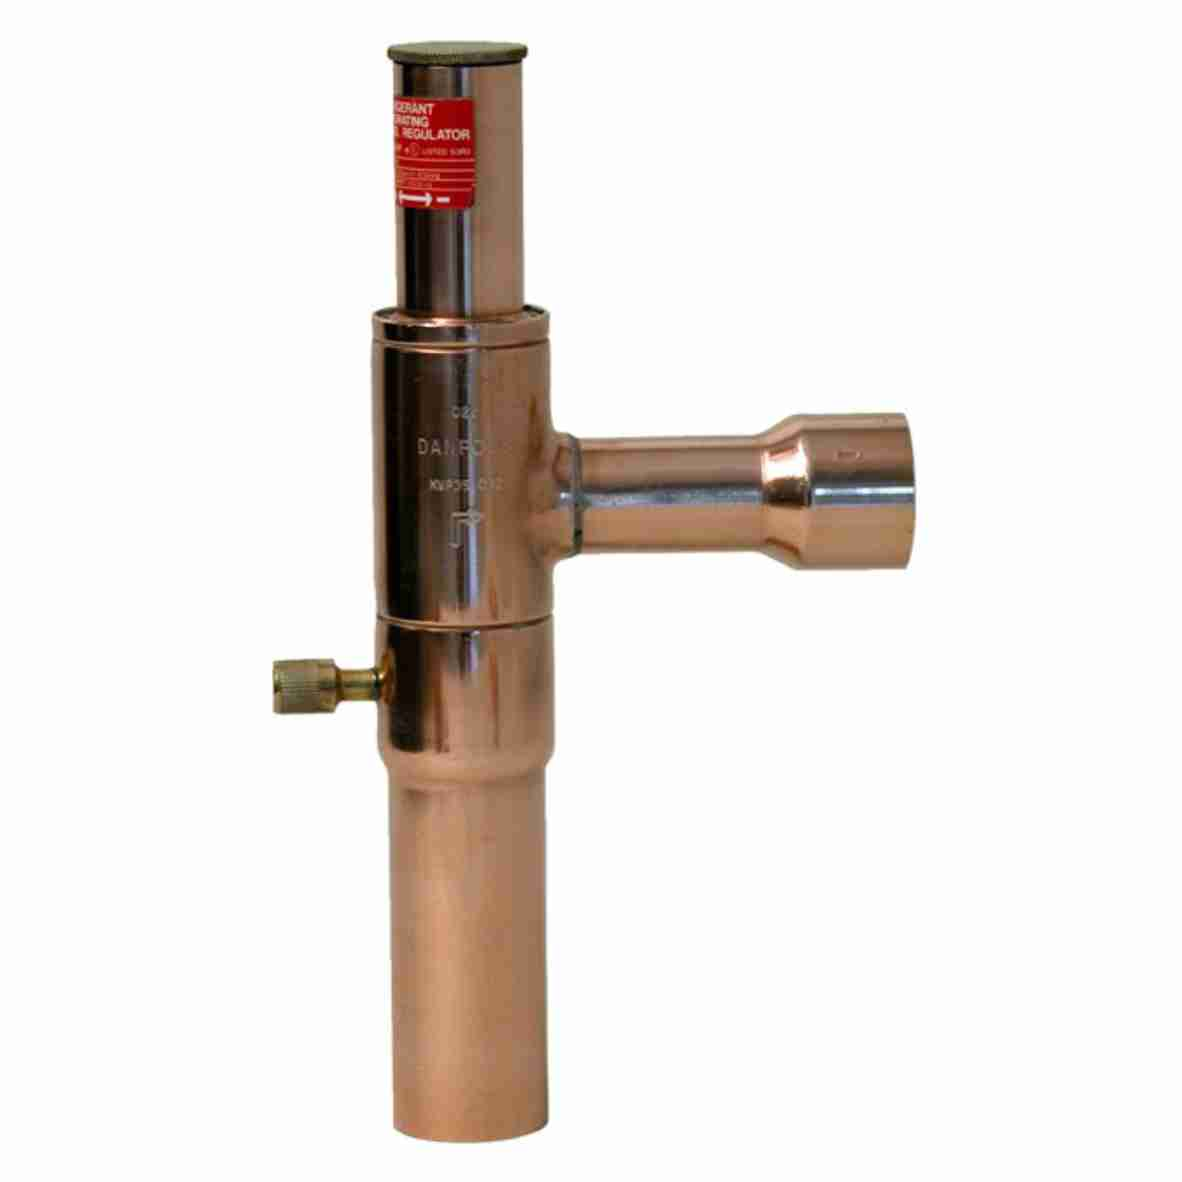 Válvula reguladora de pressão evaporador Danfoss KVP22 7/8 Solda